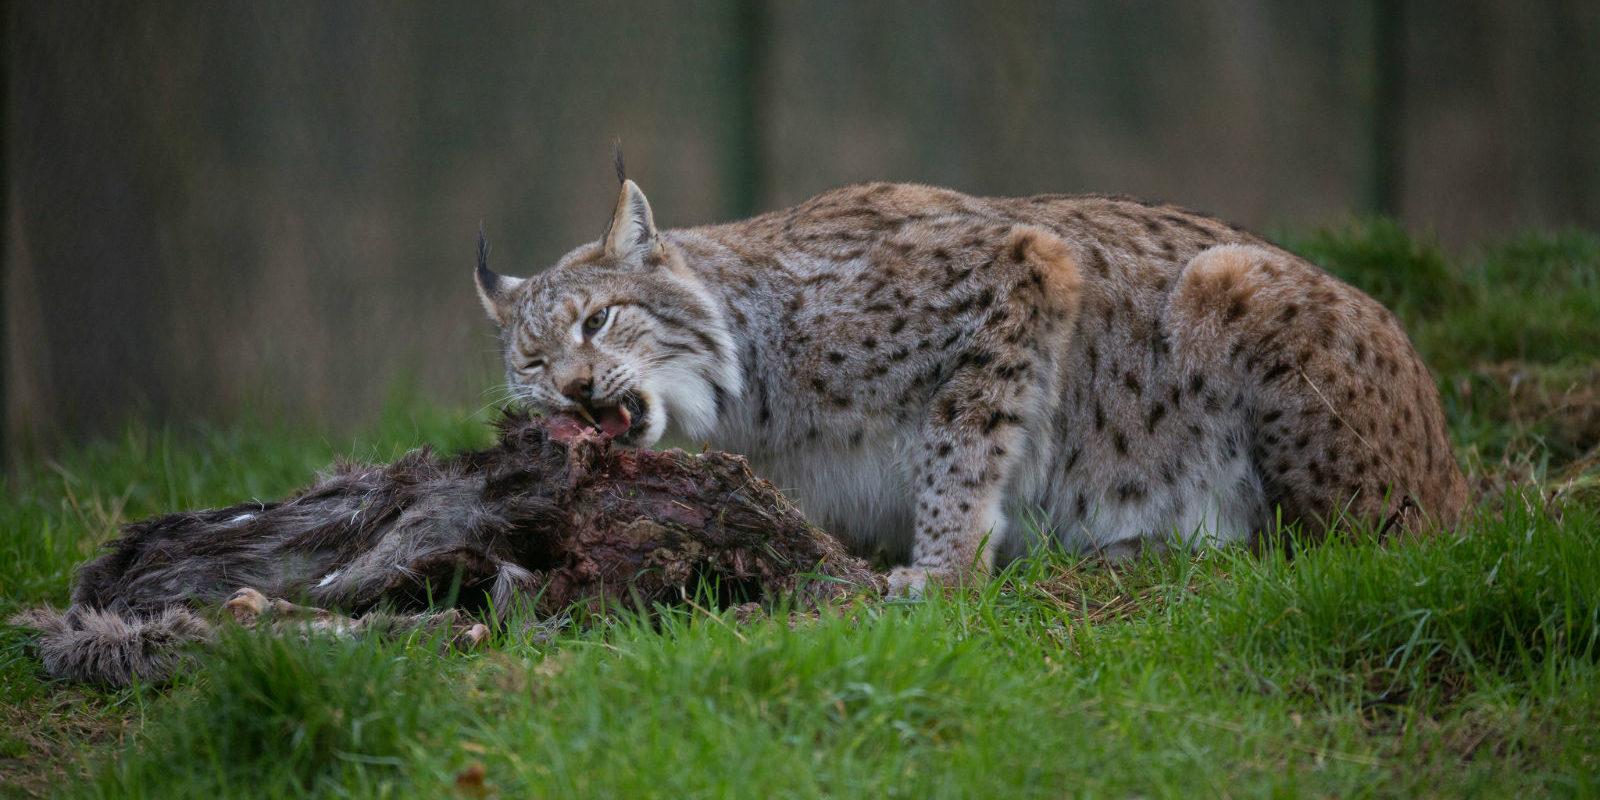 Der Wolf ist in Teilen Deutschlands wieder heimisch geworden. Auch er ist Opfer von Wilderei.